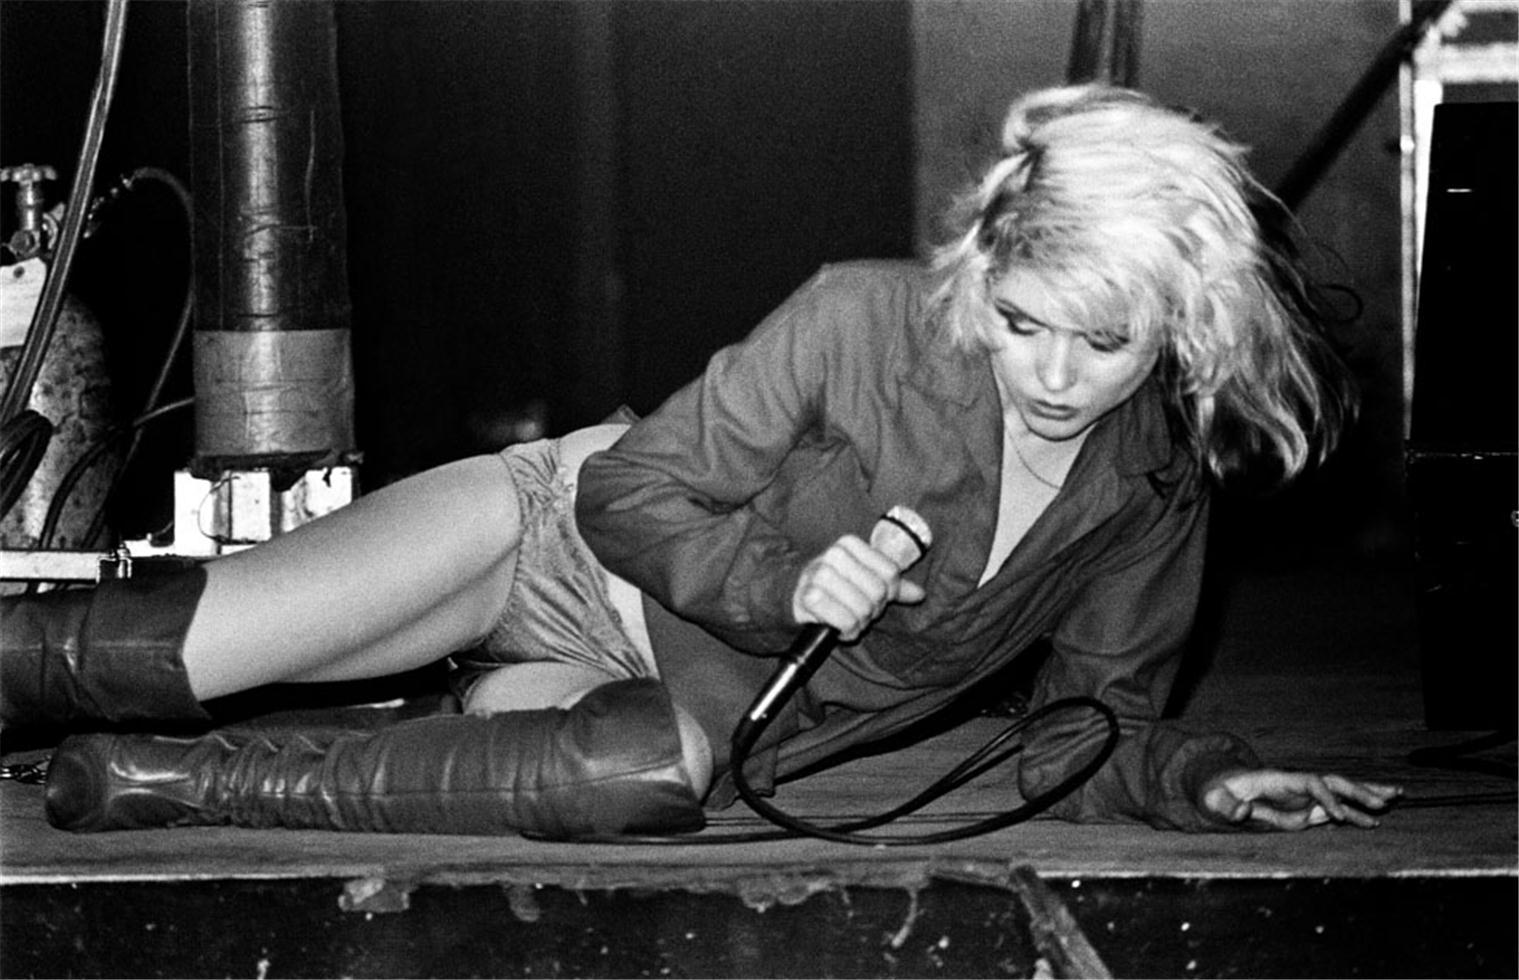 1977. Дебби Харри